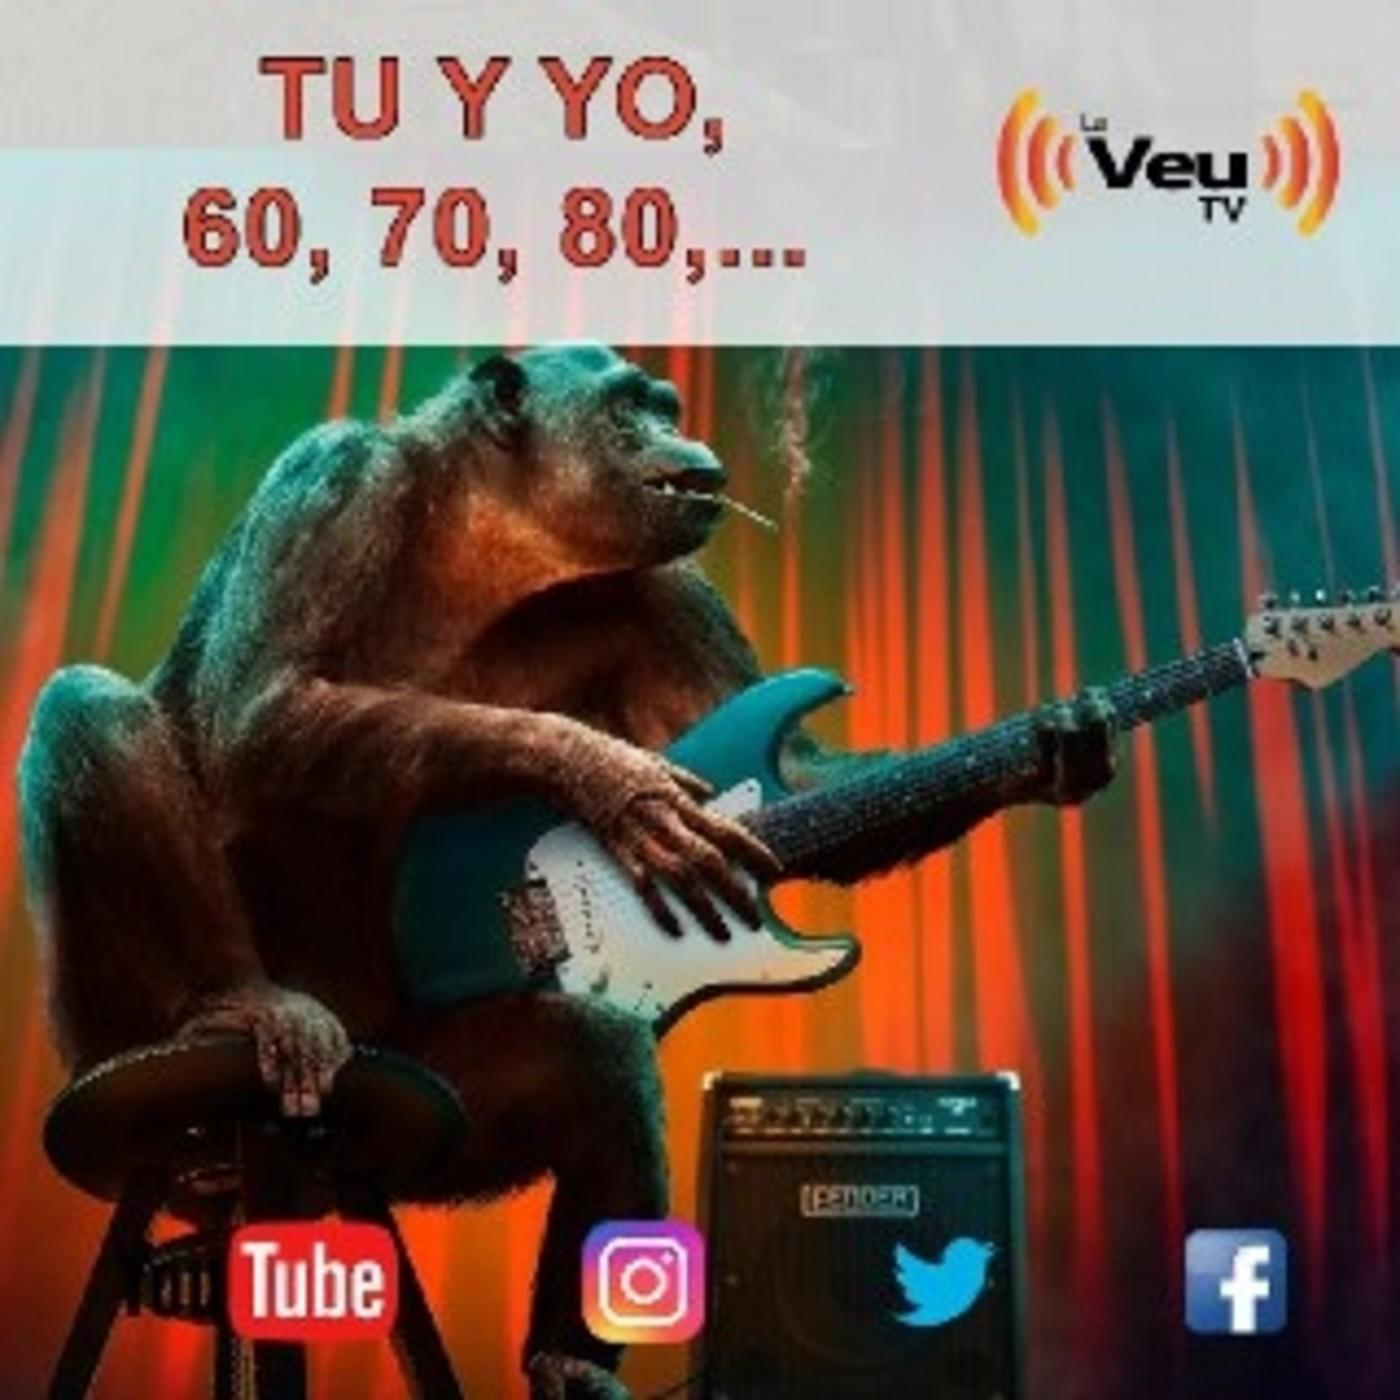 TU Y YO LOS 60, 70, 80, 90 Y... 19 de octubre 2020